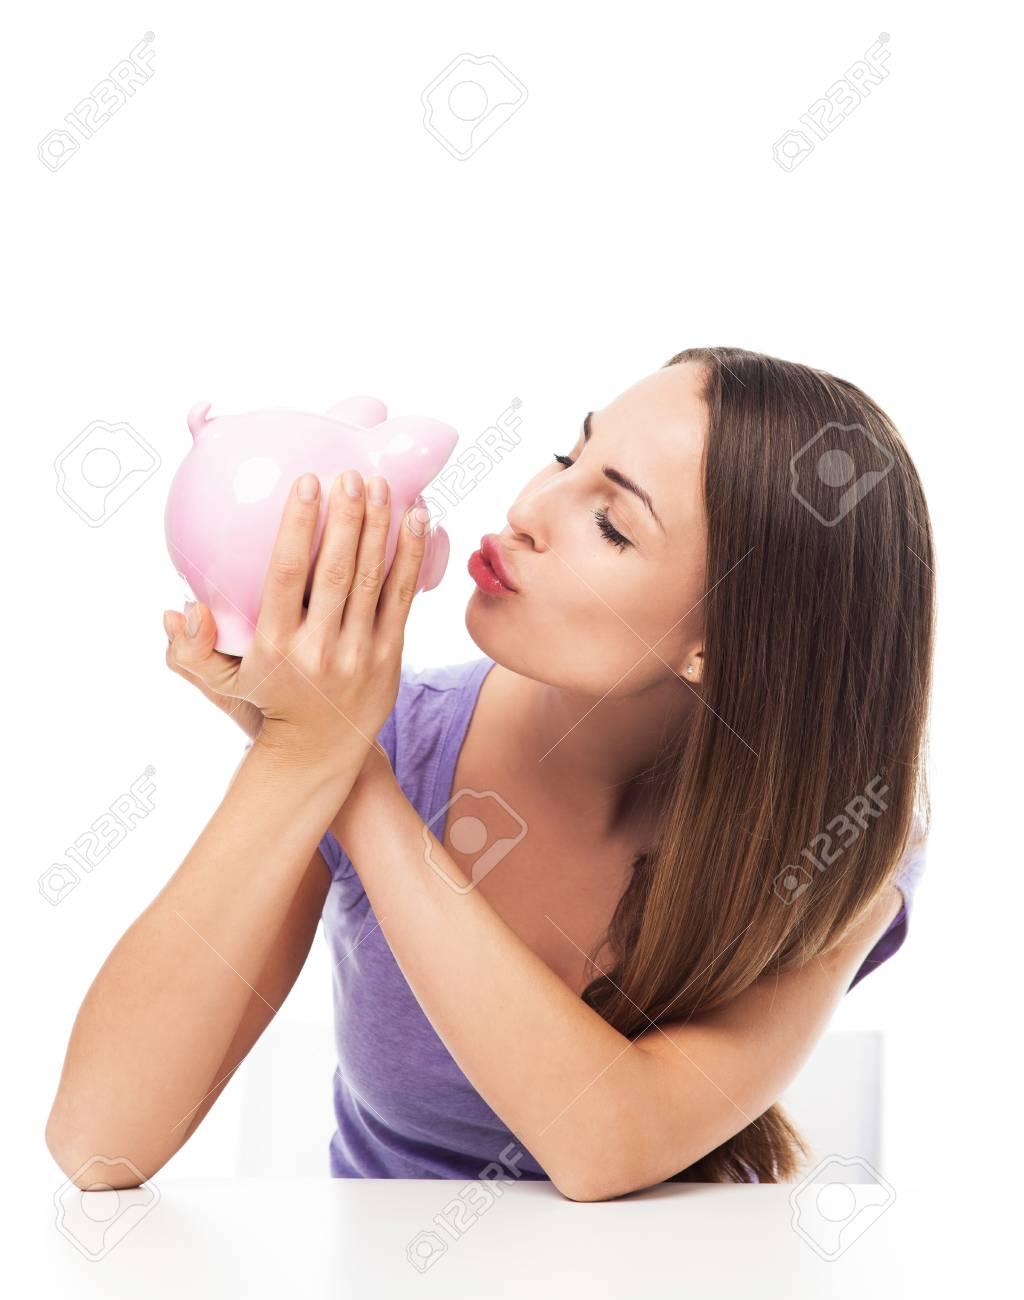 Woman kissing piggy bank Stock Photo - 23807792